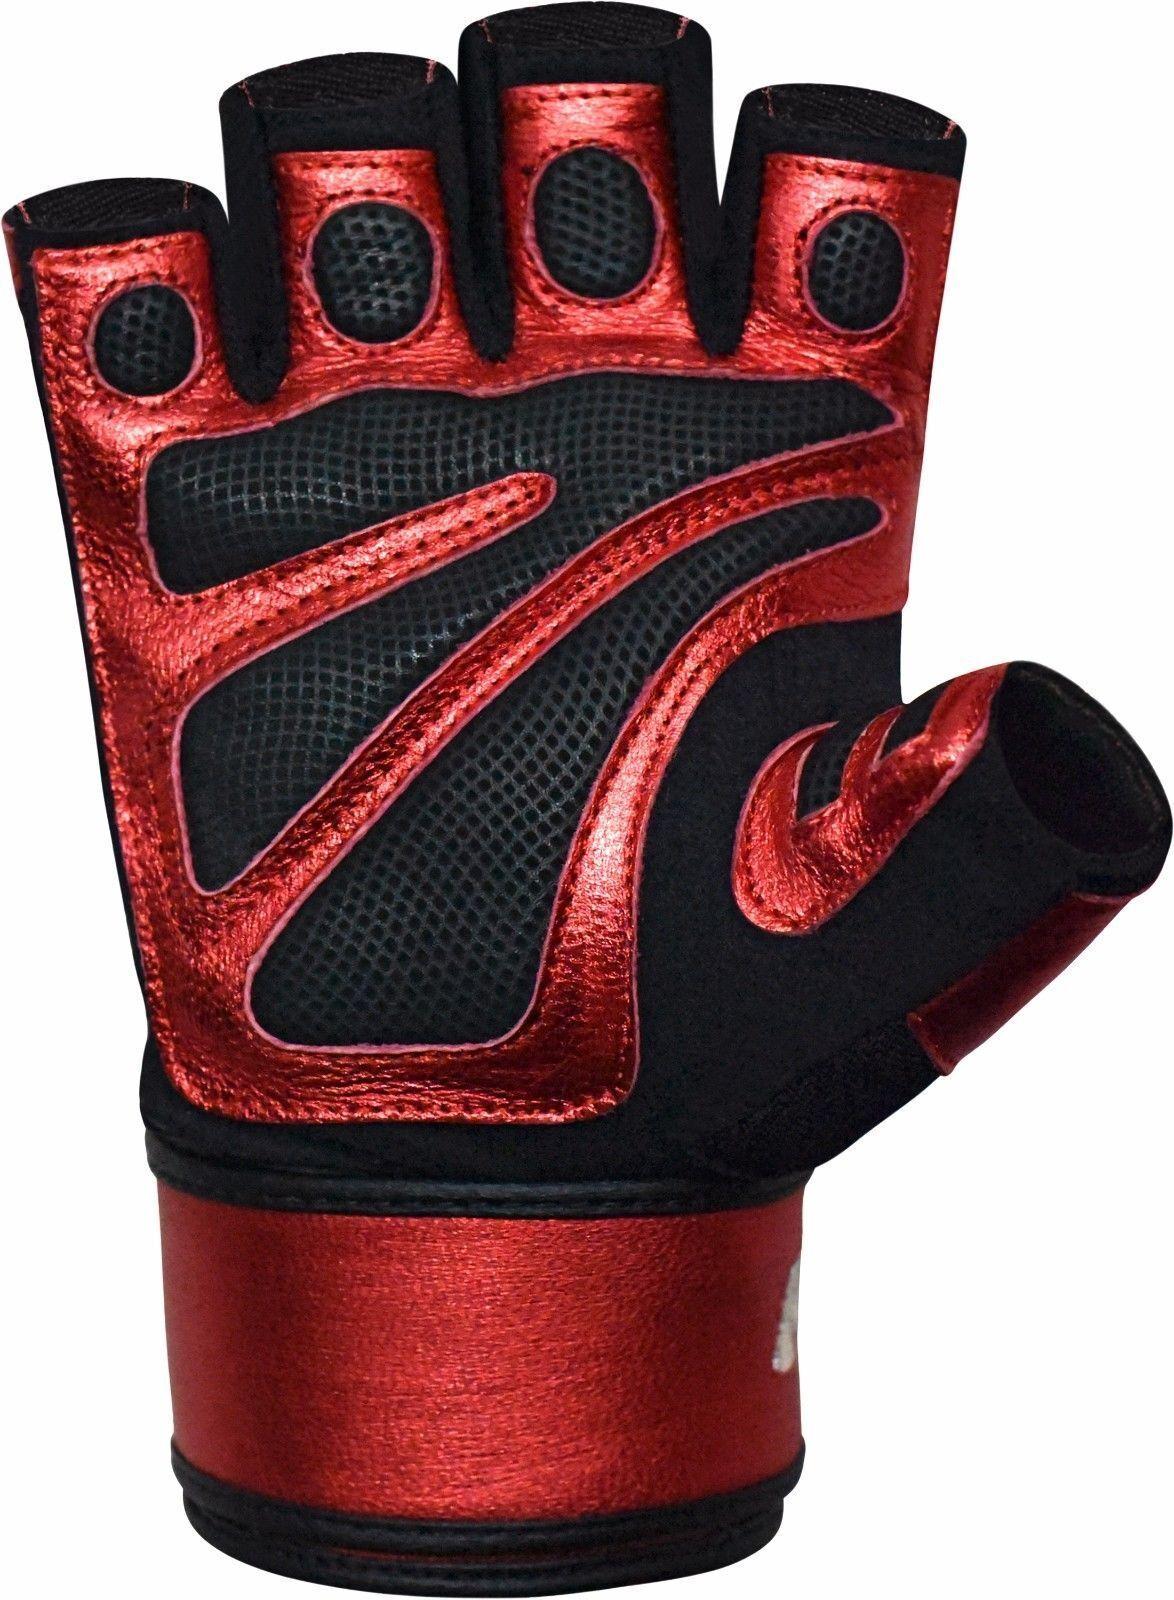 RDX Sporthandschuhe handschuhe Fitness Gloves Gewichtheffen handschuhe Sporthandschuhe Gym Workout ROT 2XL c0efcd